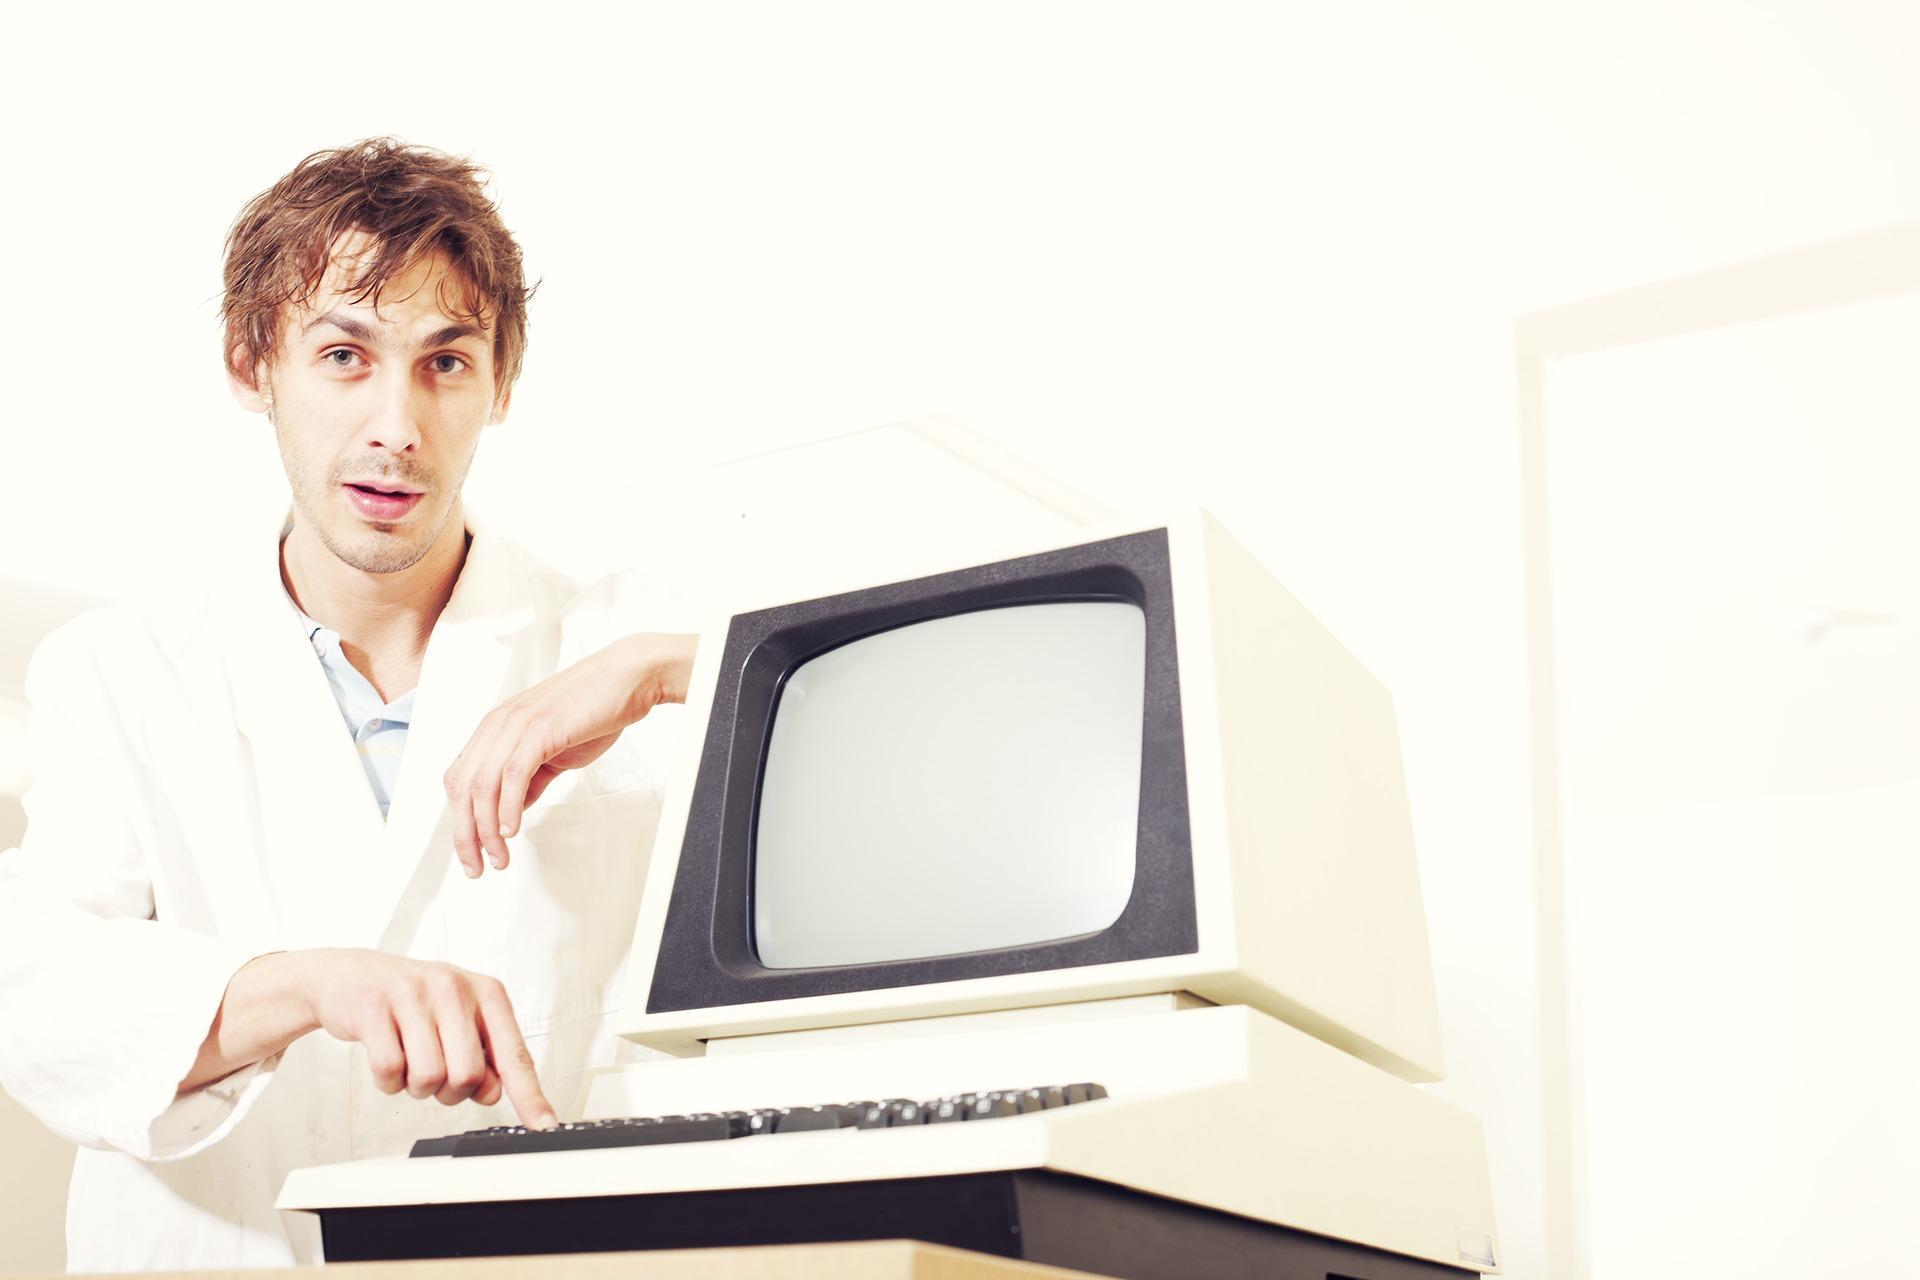 5 bizonyított ok, amiért a szoftverfejlesztés a világ legjobb munkája